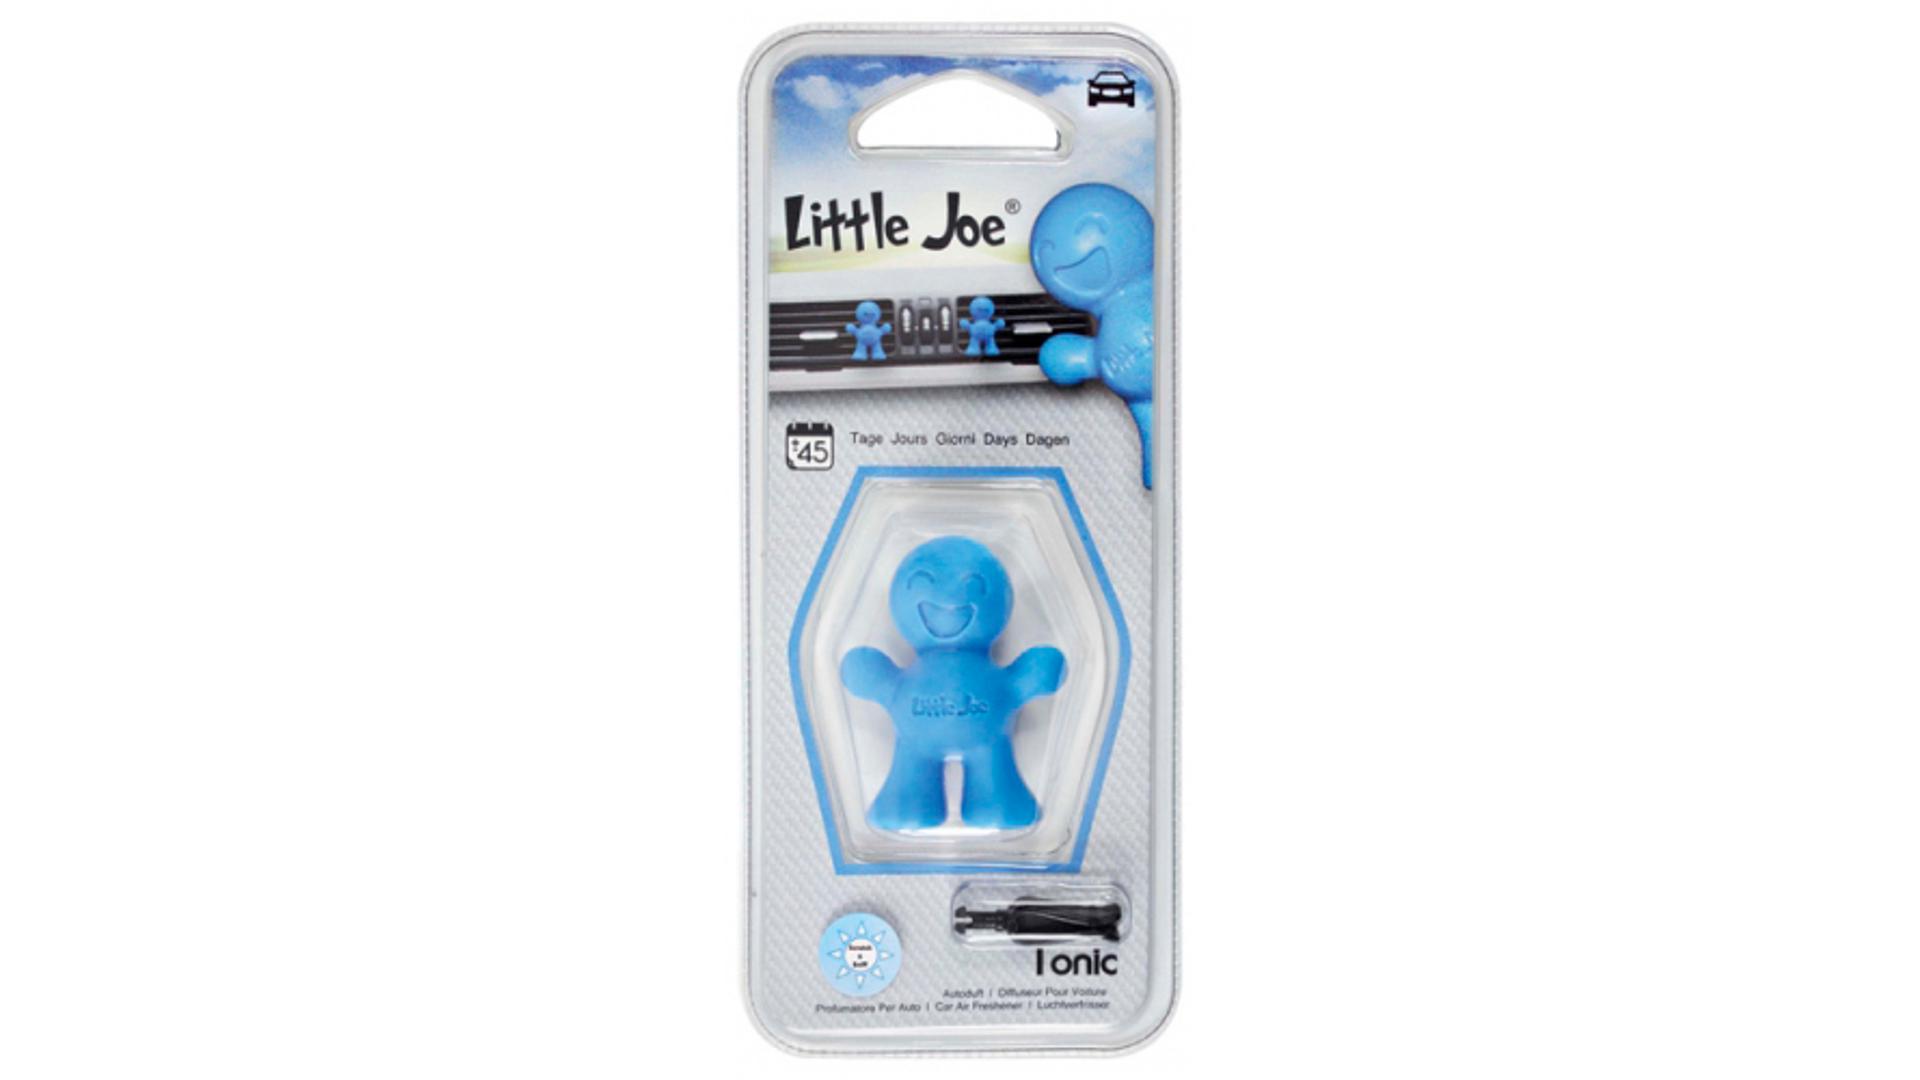 LITTLE JOE osviežovač vzduchu TONIC